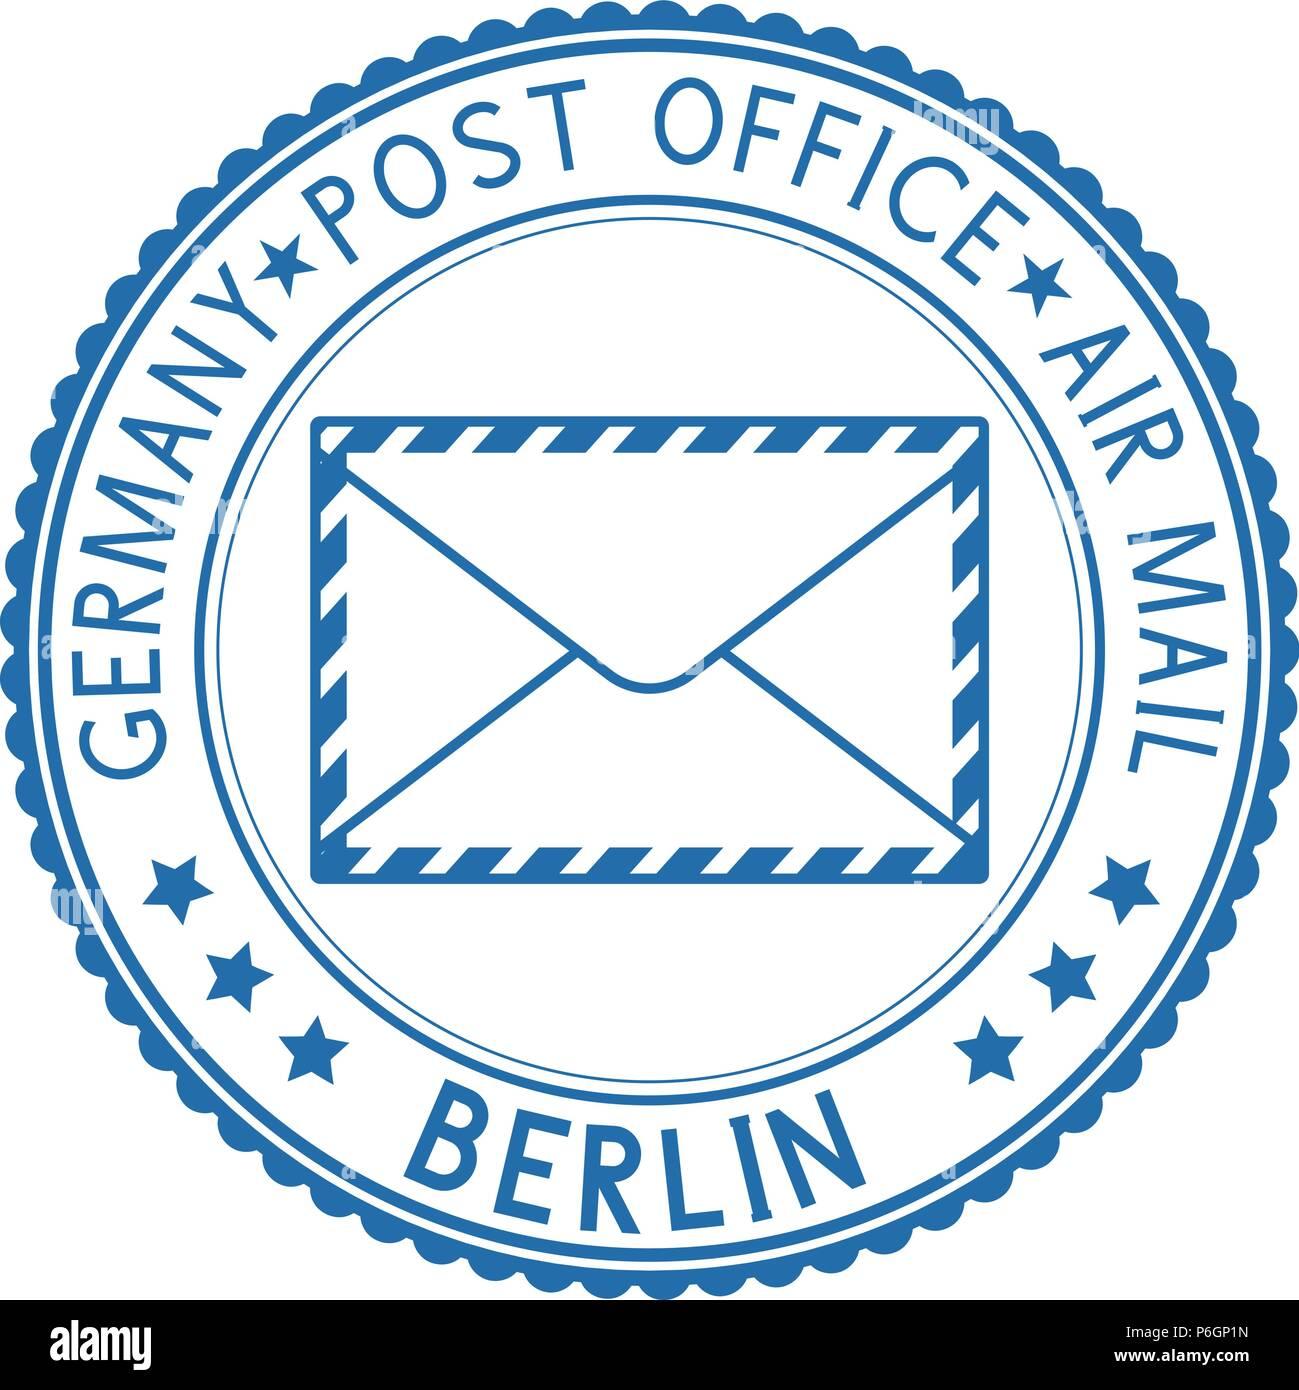 Blue round BERLIN postmark for envelope - Stock Image